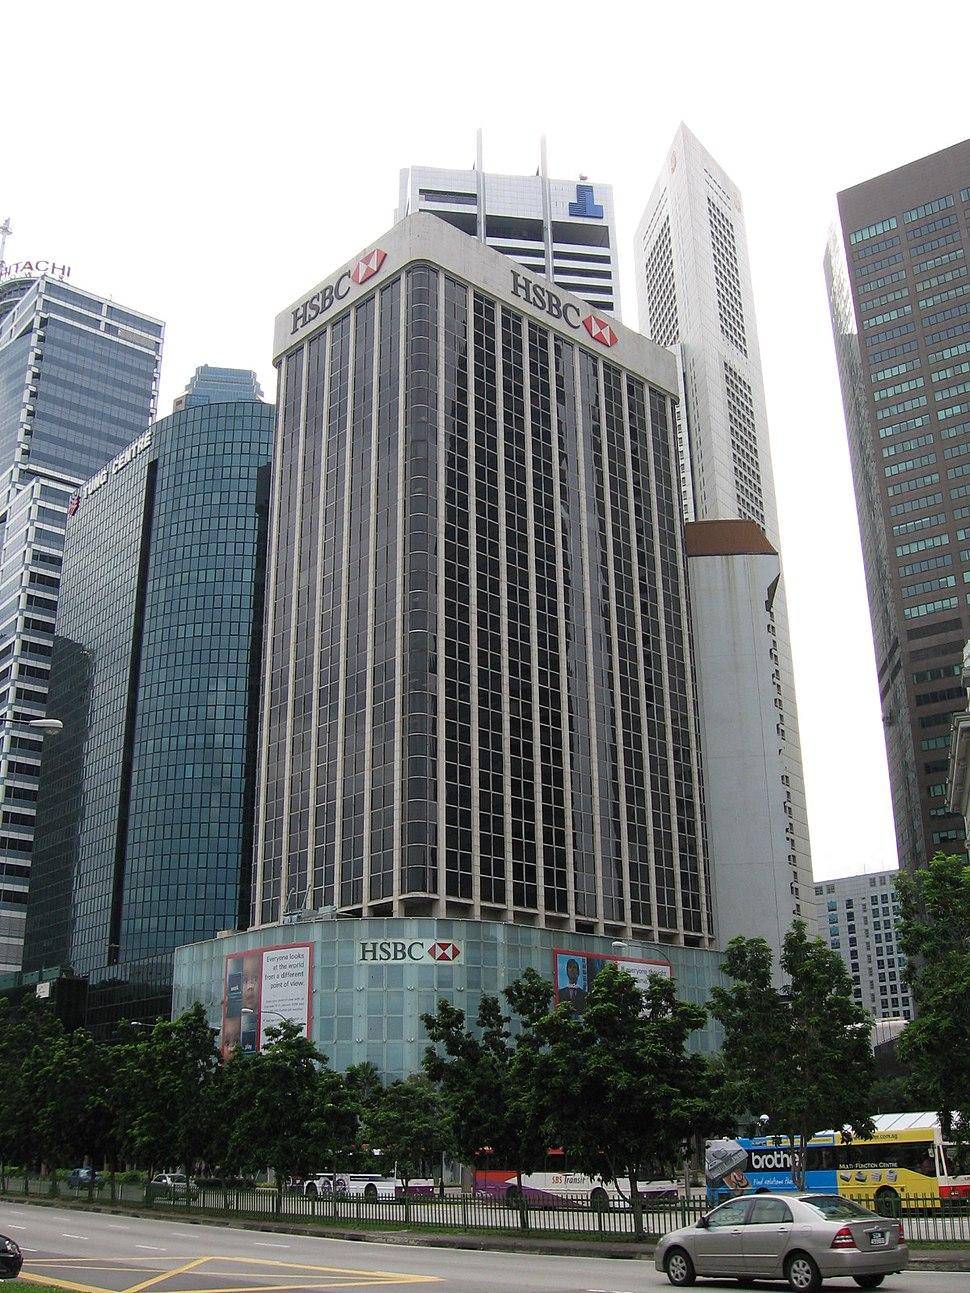 HSBC Building, Dec 05